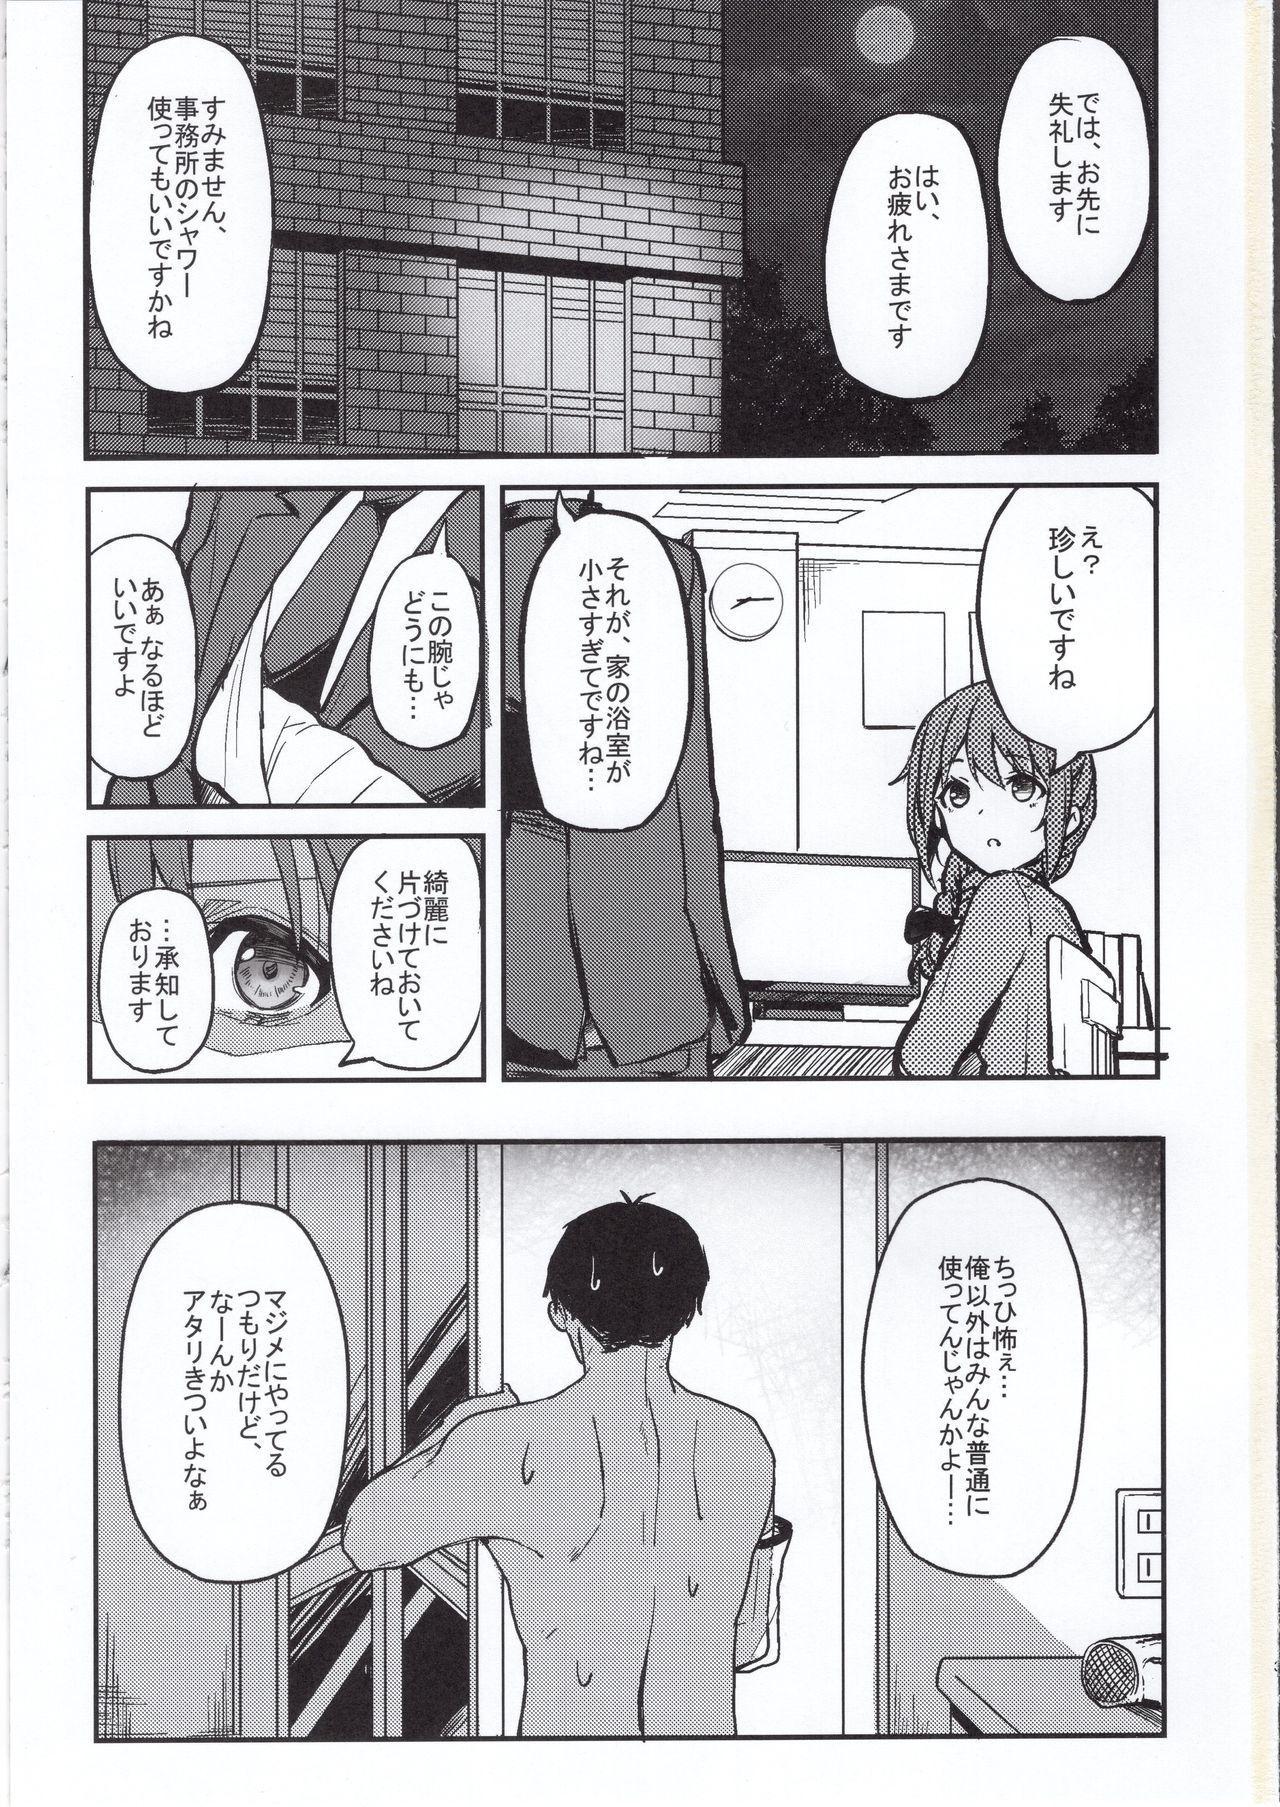 Kyoumusume ni Kanri Sareru Hon 1